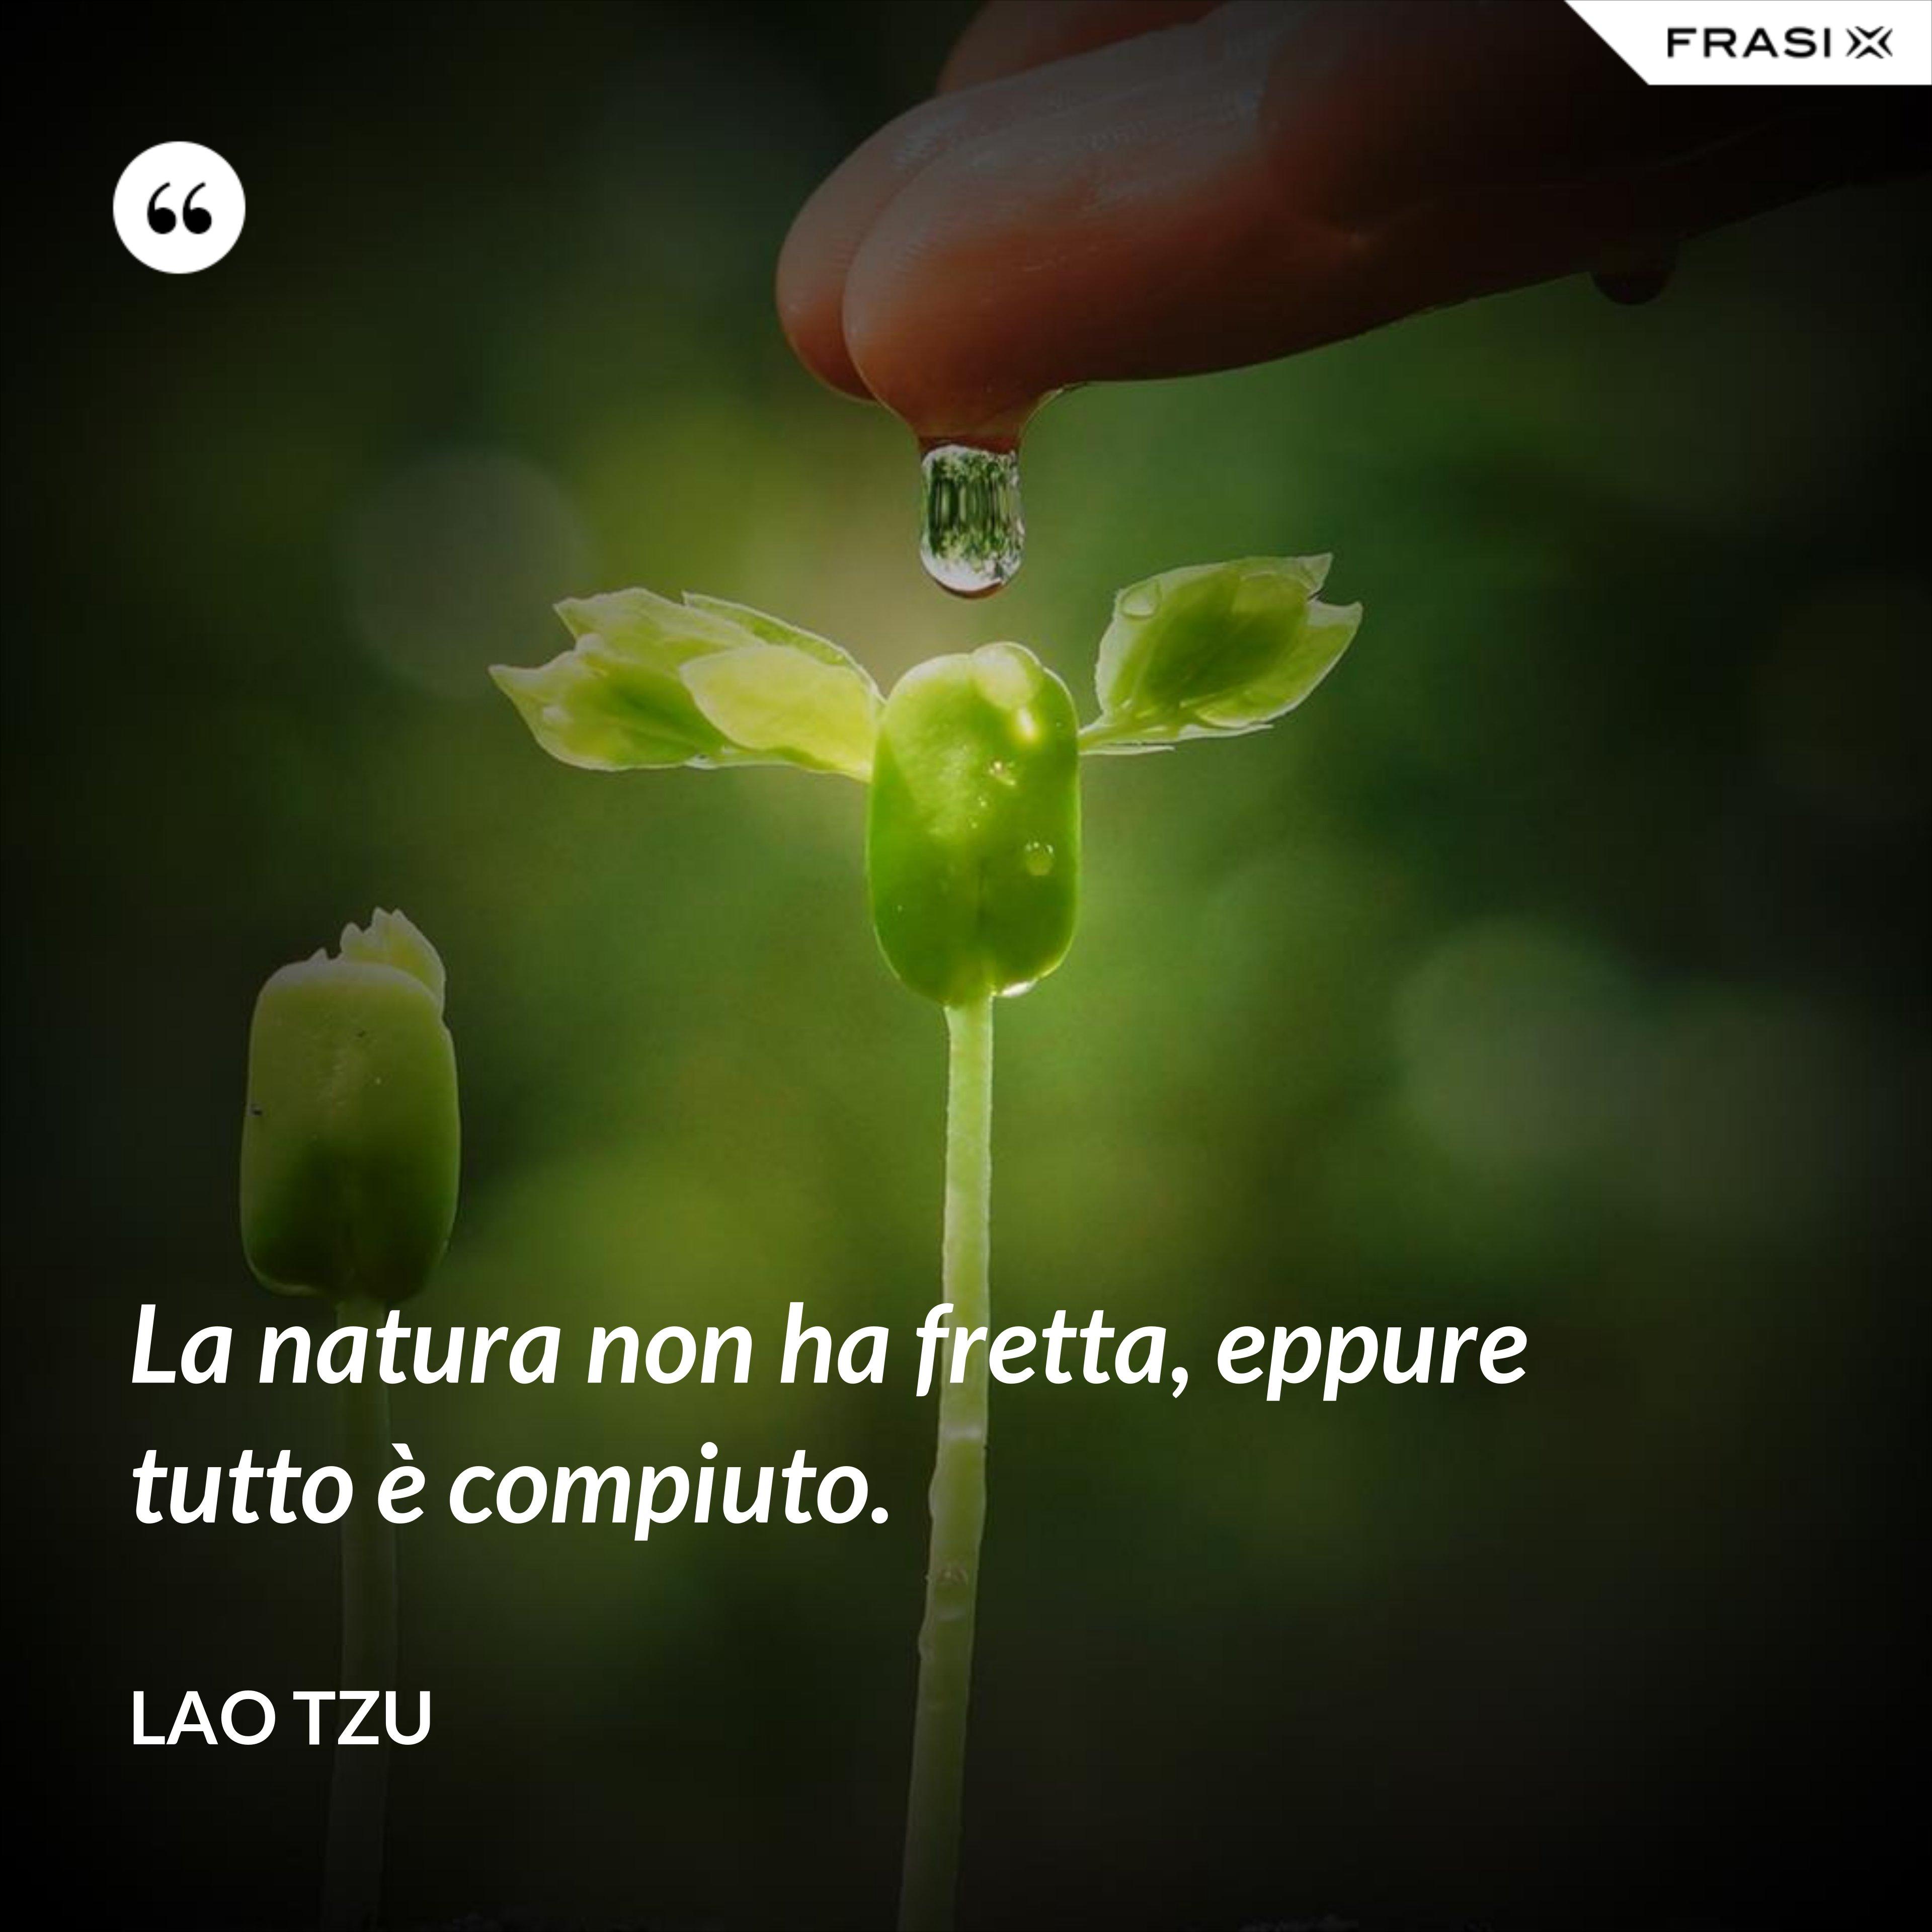 La natura non ha fretta, eppure tutto è compiuto. - Lao Tzu